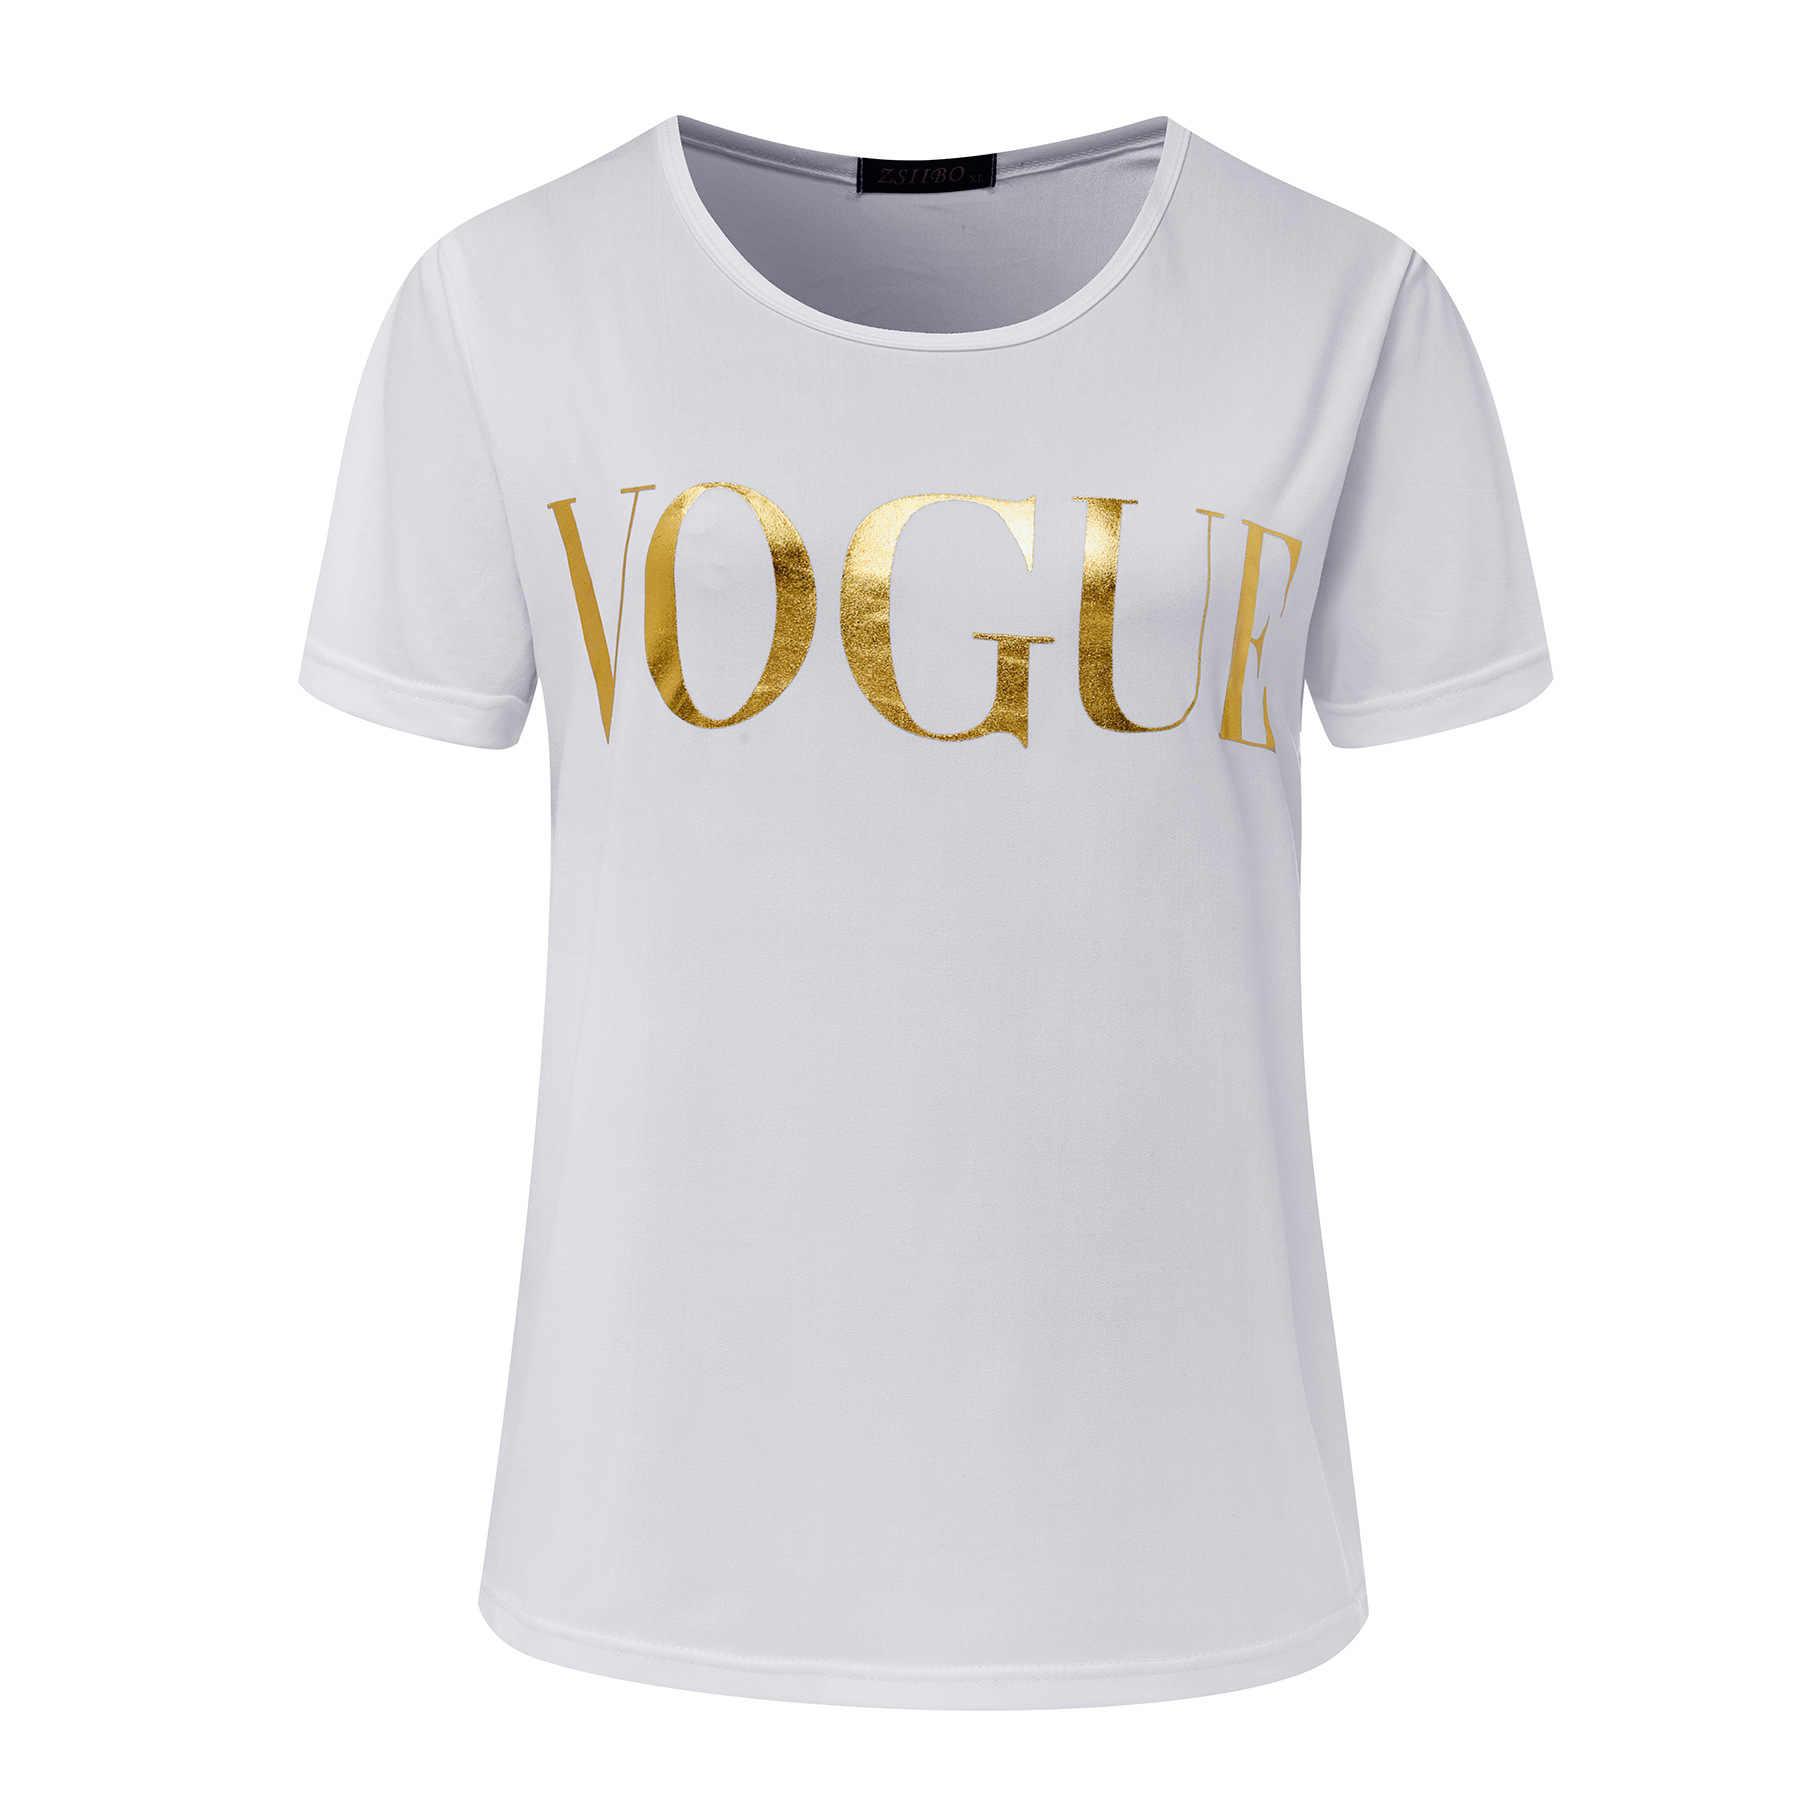 T shirt kadın tshirt 2019 yeni vintage vogue mektup baskı kadın kısa kollu yaz tarzı T-shirt kadın vestidos ropa mujer t012